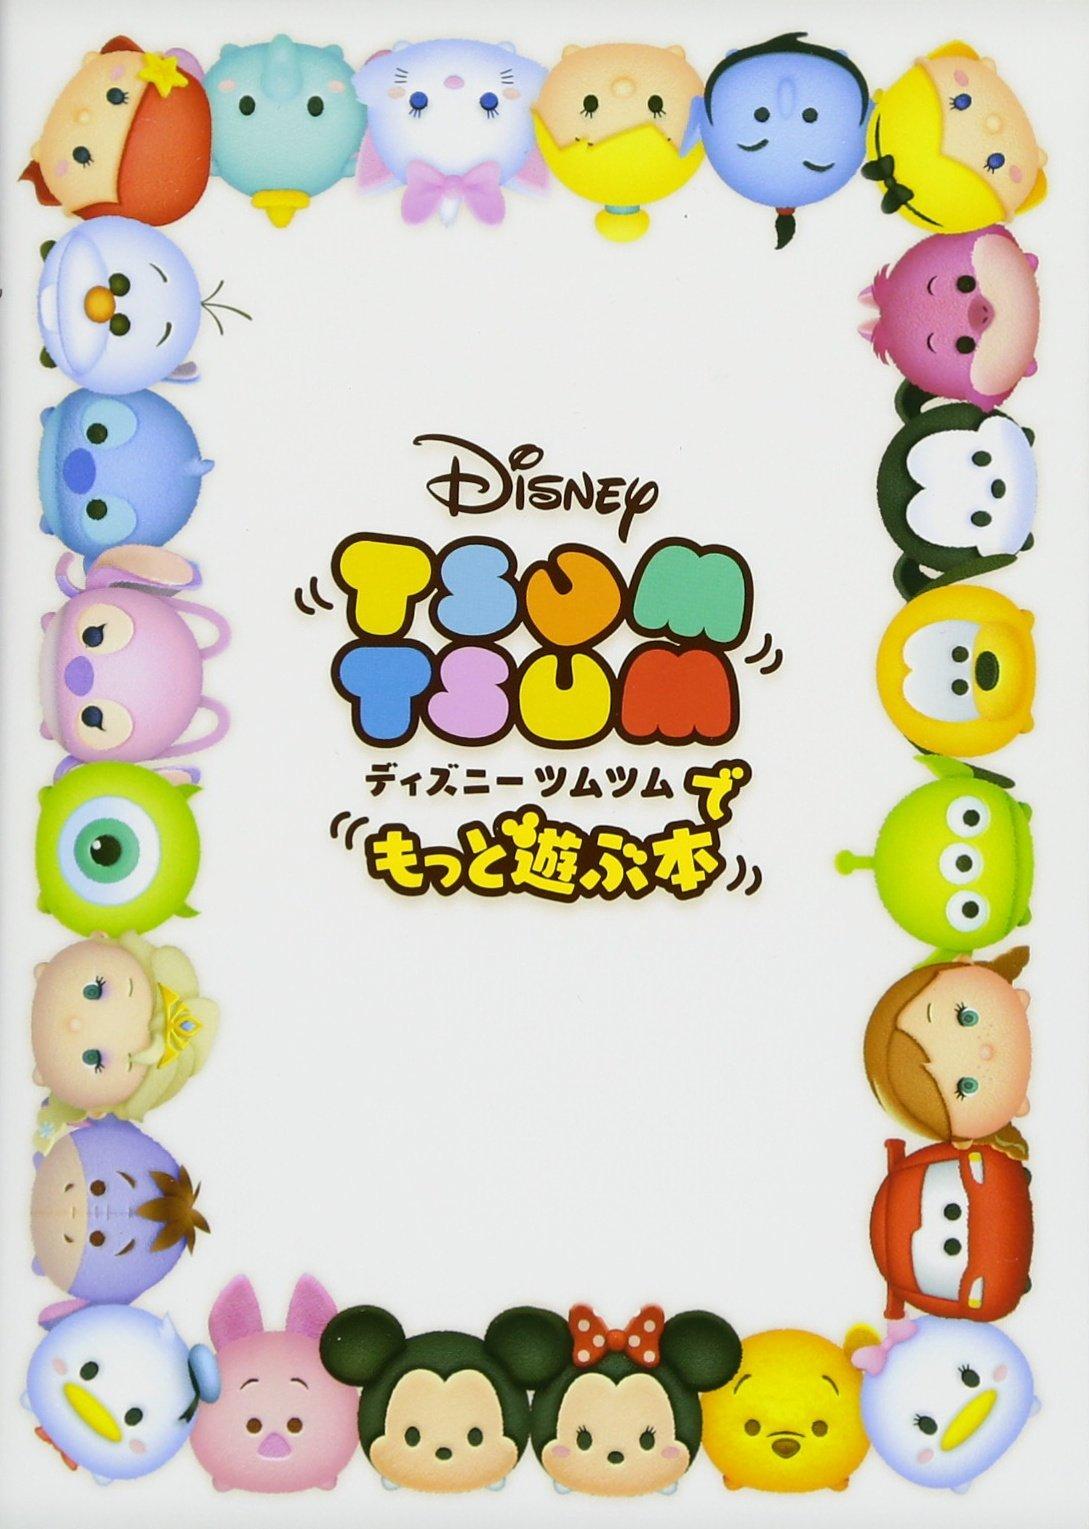 ディズニー ツムツムでもっと遊ぶ本 ファミ通app編集部 本 通販